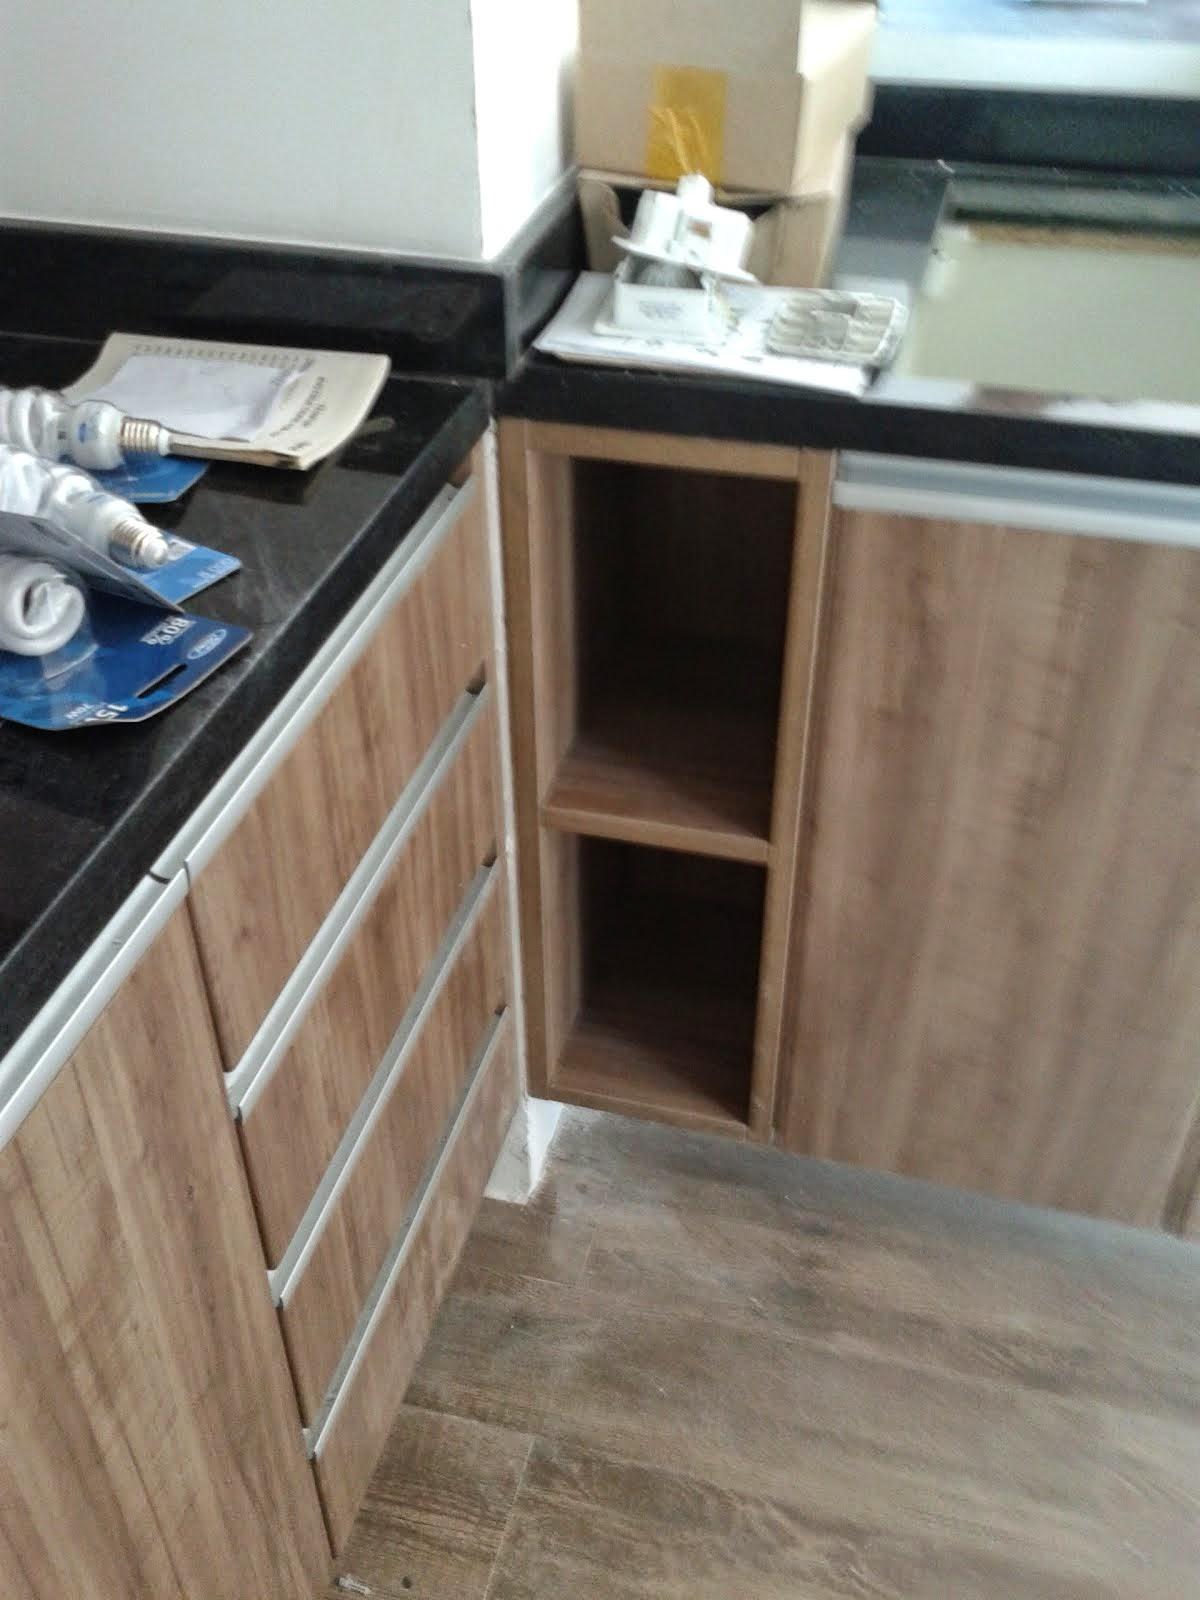 #425F79  armário banheiro e porta 01 cozinha planejada 03 cozinha planejada 01 1200x1600 px Armario De Cozinha Compacta Ricardo Eletro_1511 Imagens